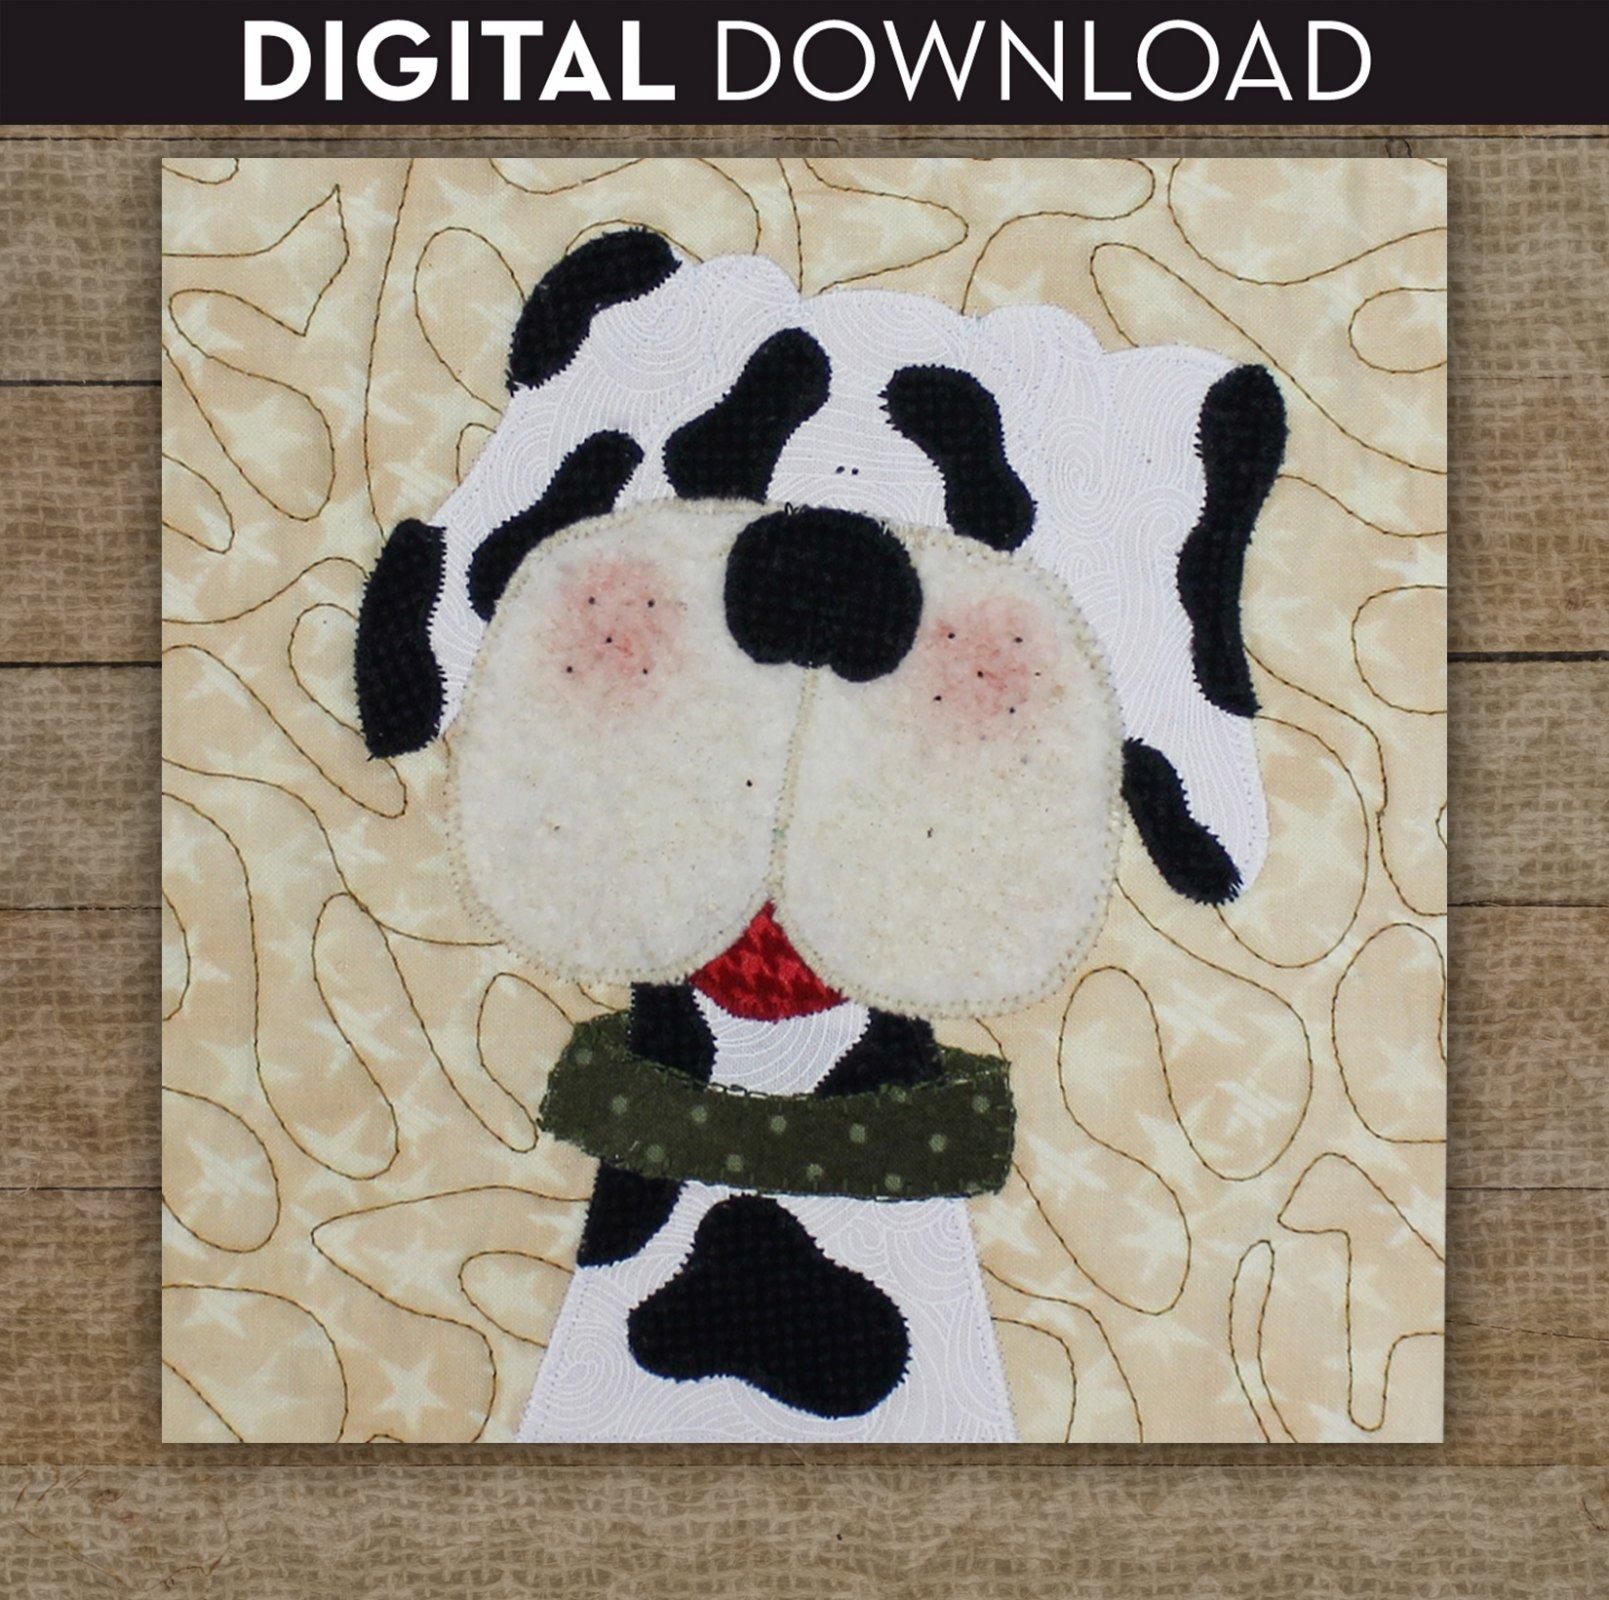 Dalmatian - Download